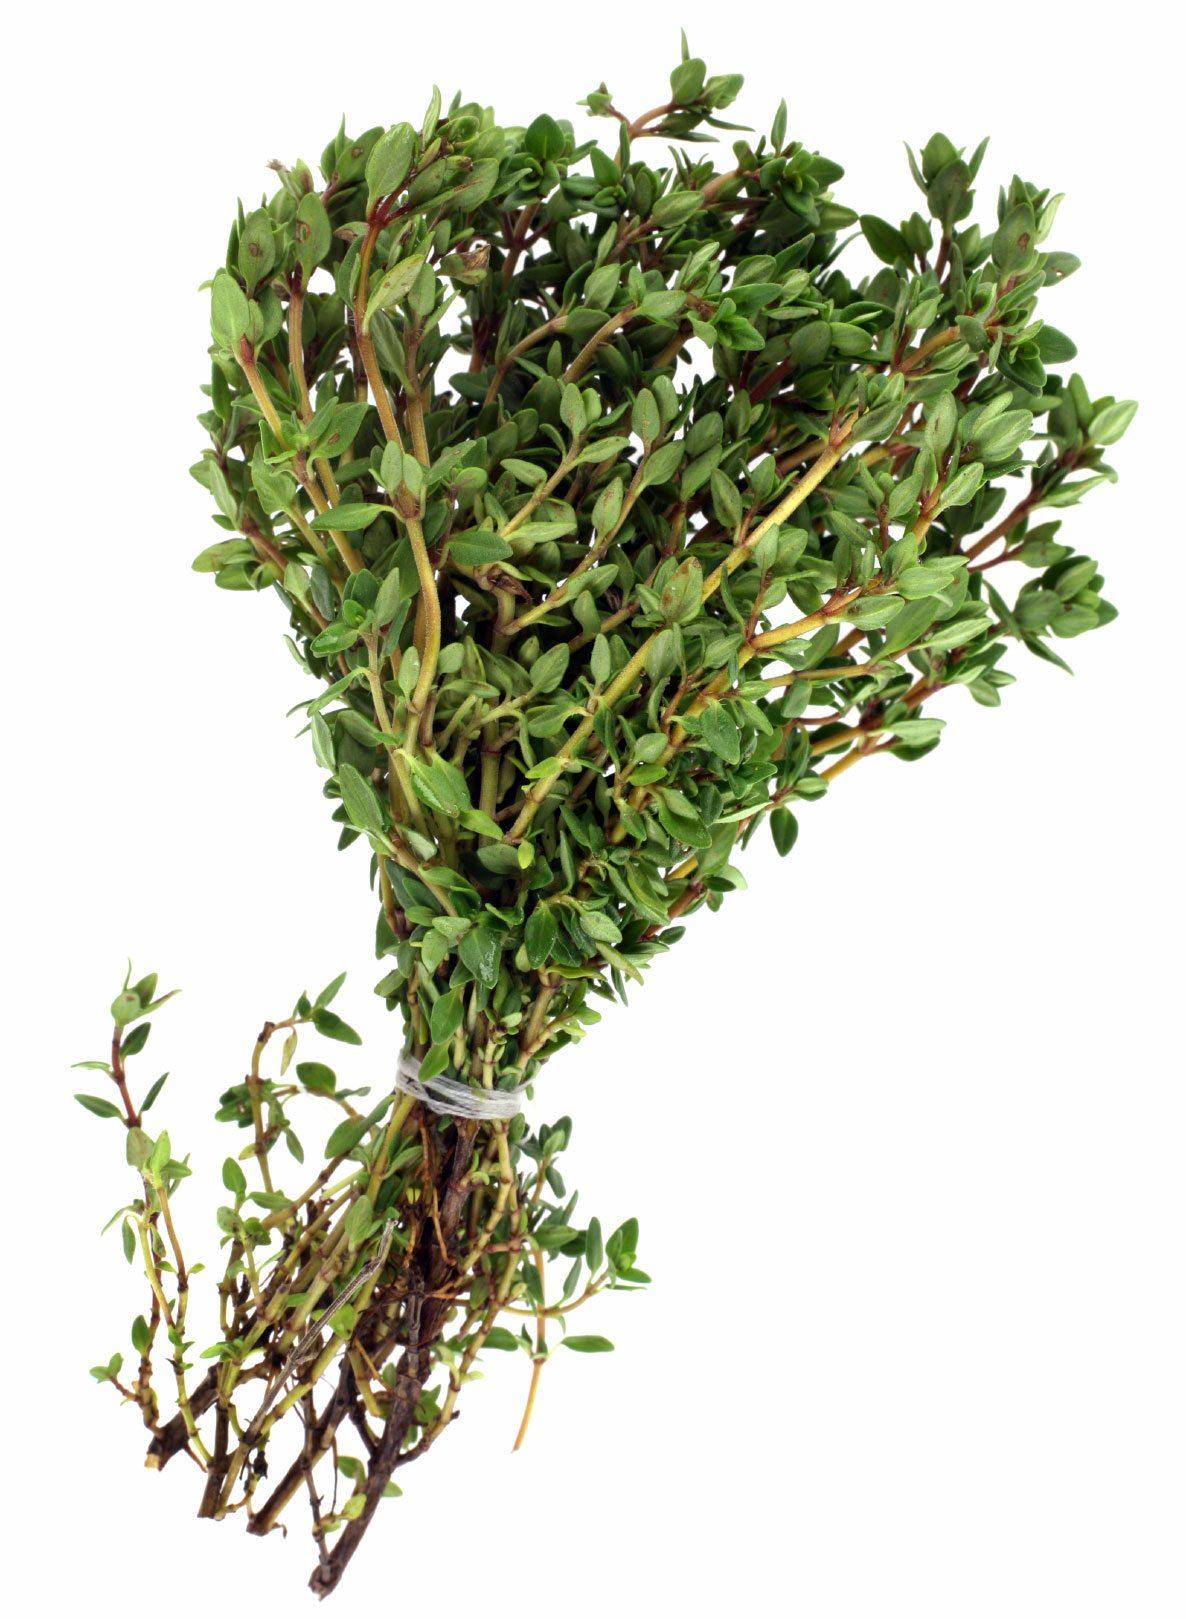 Image of Large Bundle of Fresh Thyme (50g)